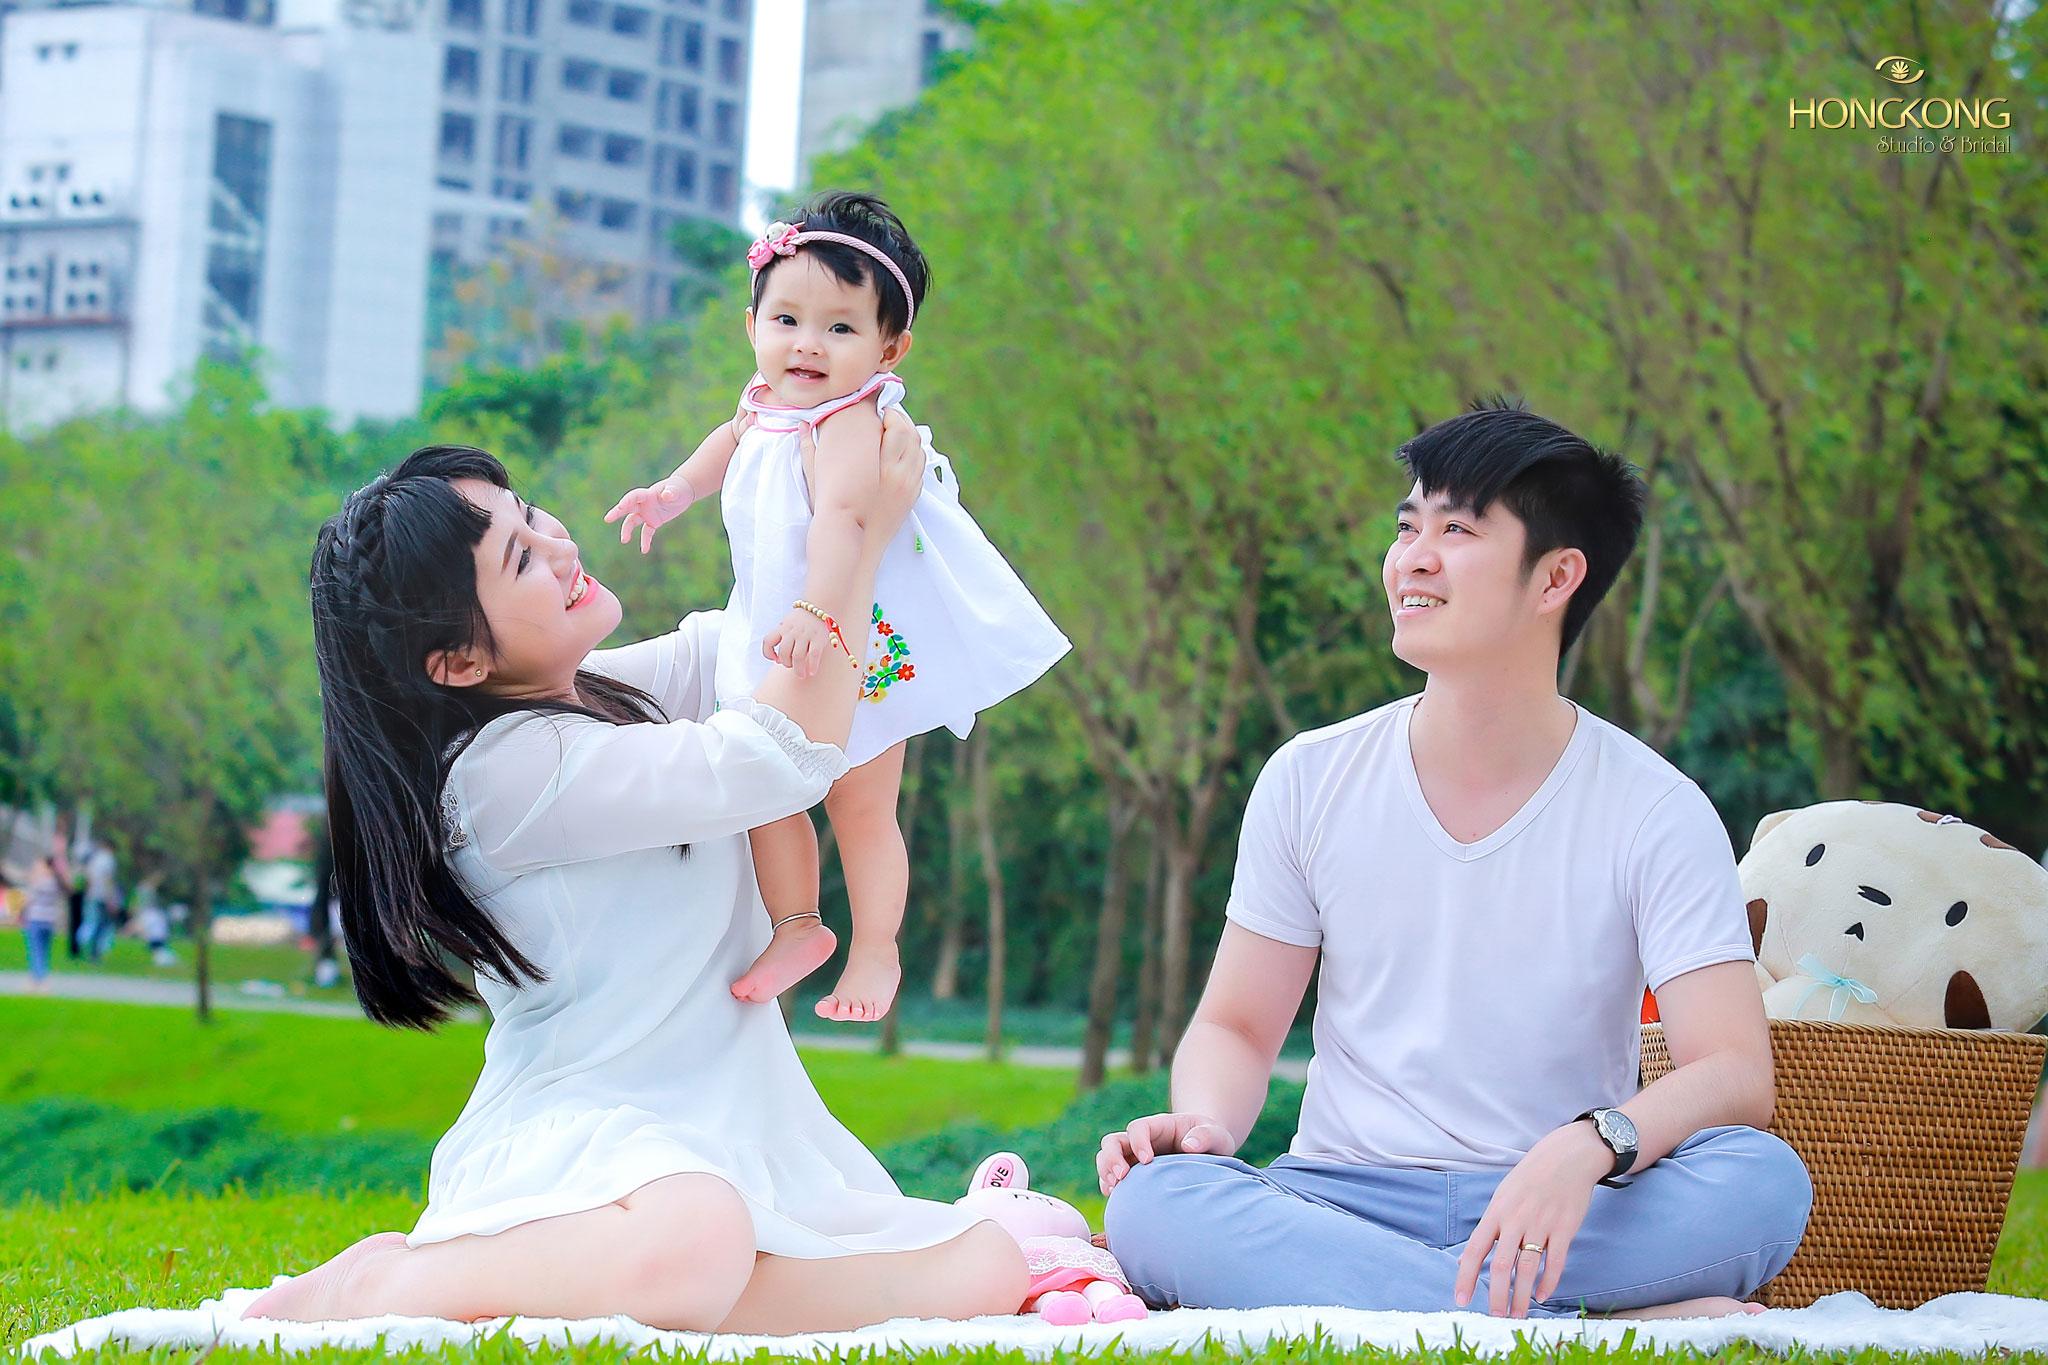 ... đường tàu điện chạy quanh co, \u2026 công viên Thống Nhất chính địa điểm lý tưởng để thực hiện mong muốn có album ảnh chụp gia đình bên nhau hạnh phúc.